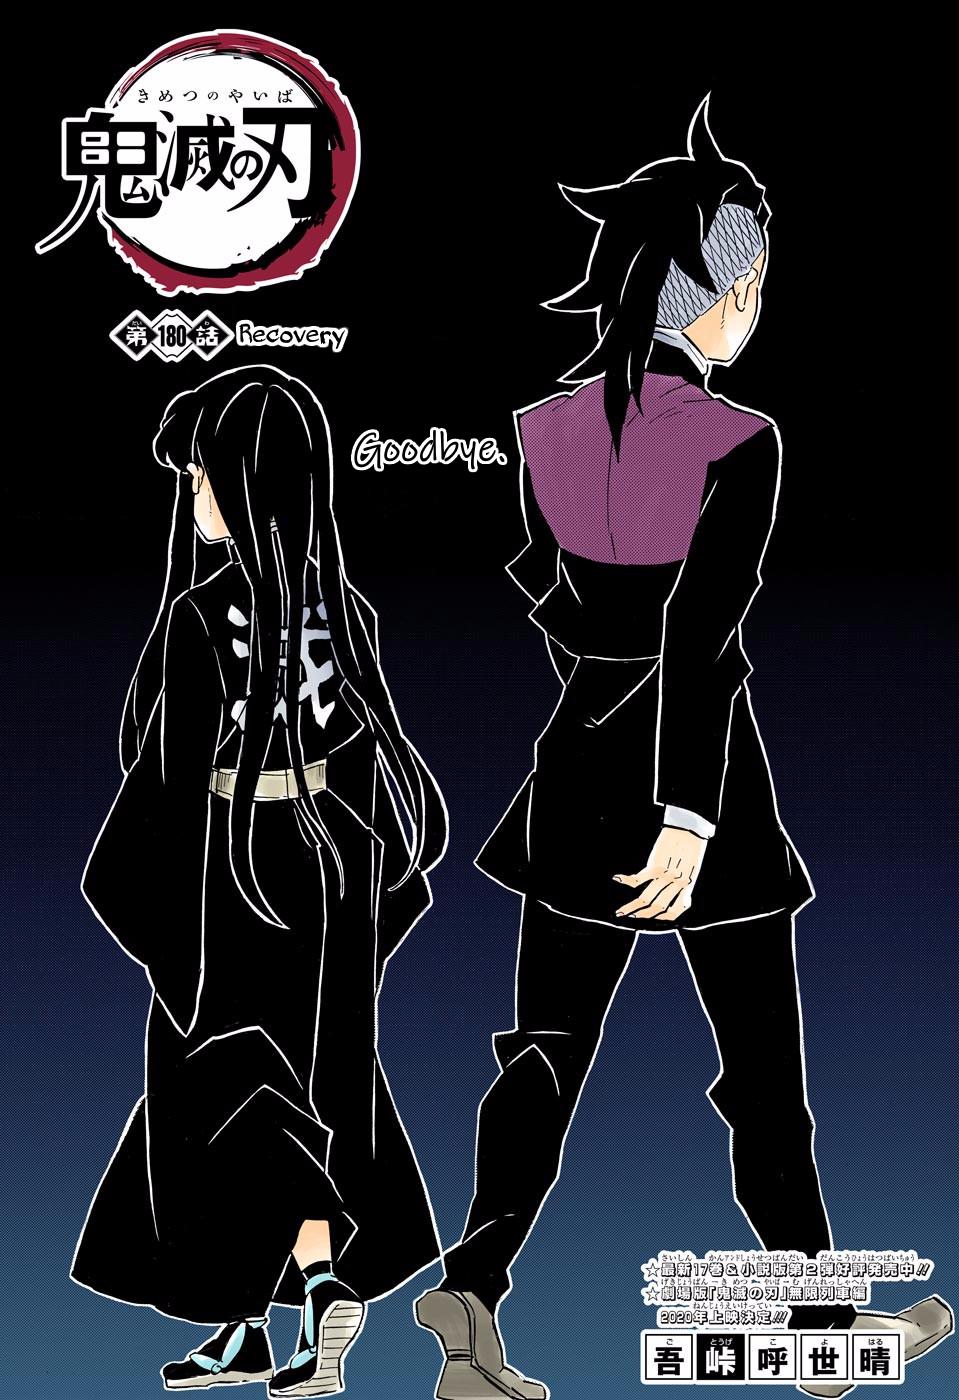 Kimetsu No Yaiba Digital Colored Comics Chapter 180 Slayer Anime Demon Demon